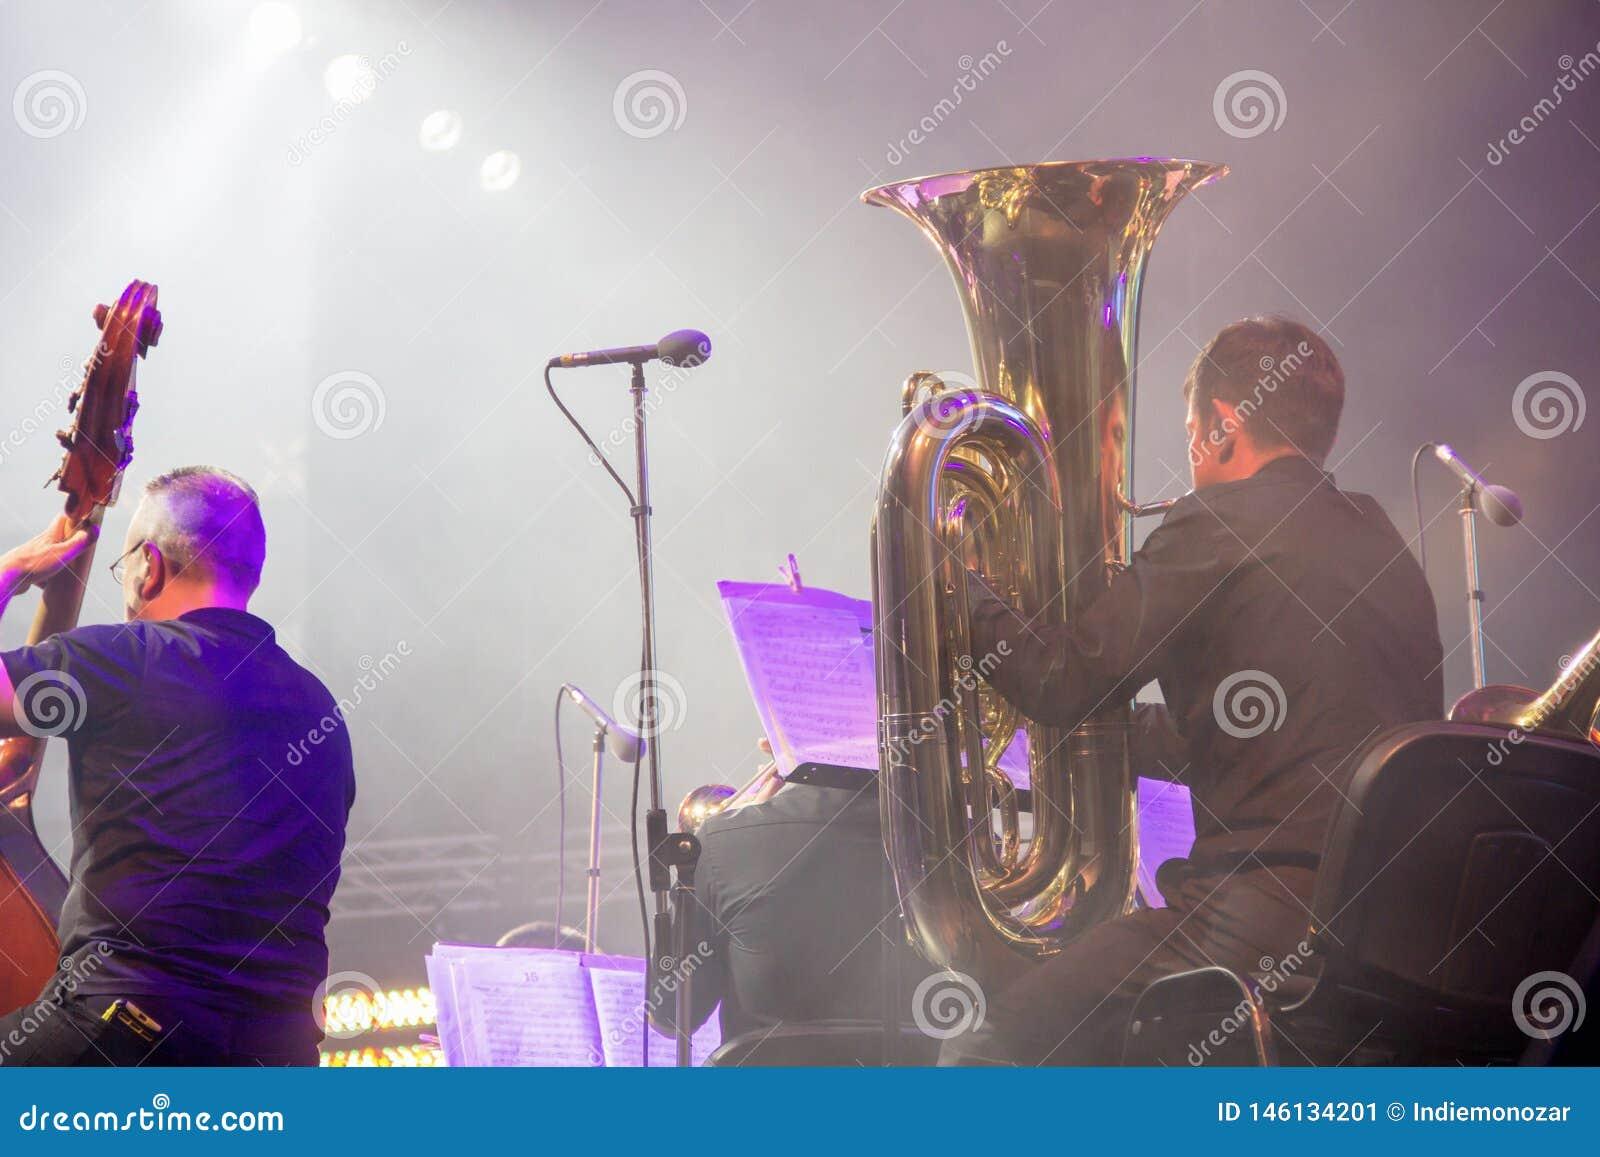 Orquesta sinfónica en la etapa, sección de cobre amarillo de orquesta, detrás del lanzamiento de las escenas